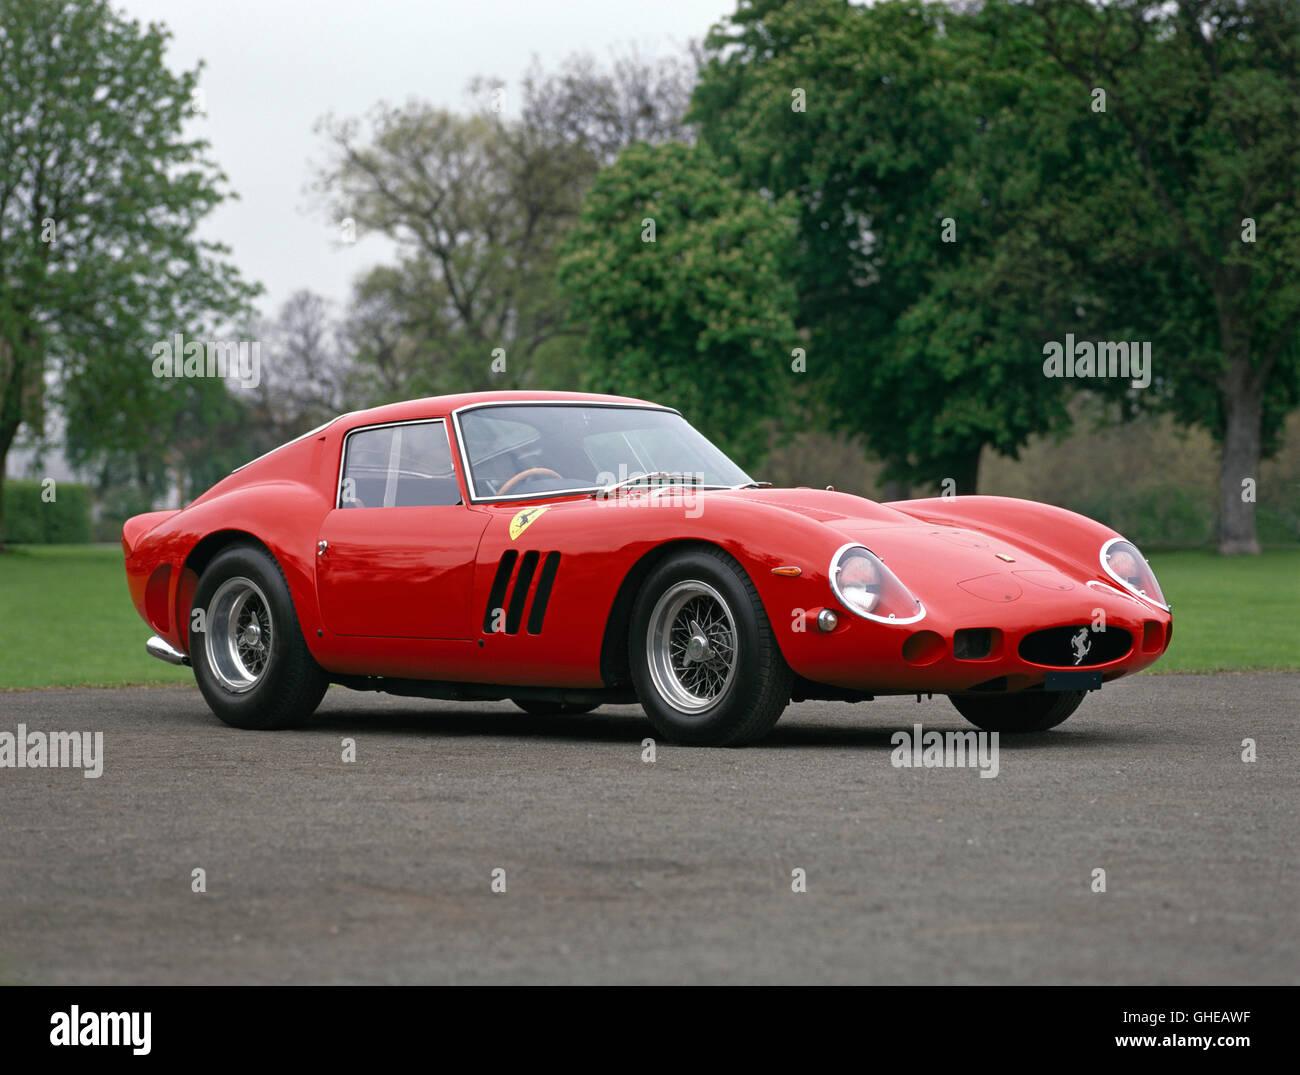 1962 Ferrari 250 GTO scaglietti berlinetta 3 0 litre tipo 168 62 V12 SOHC engine producing 302bhp Country of origin - Stock Image